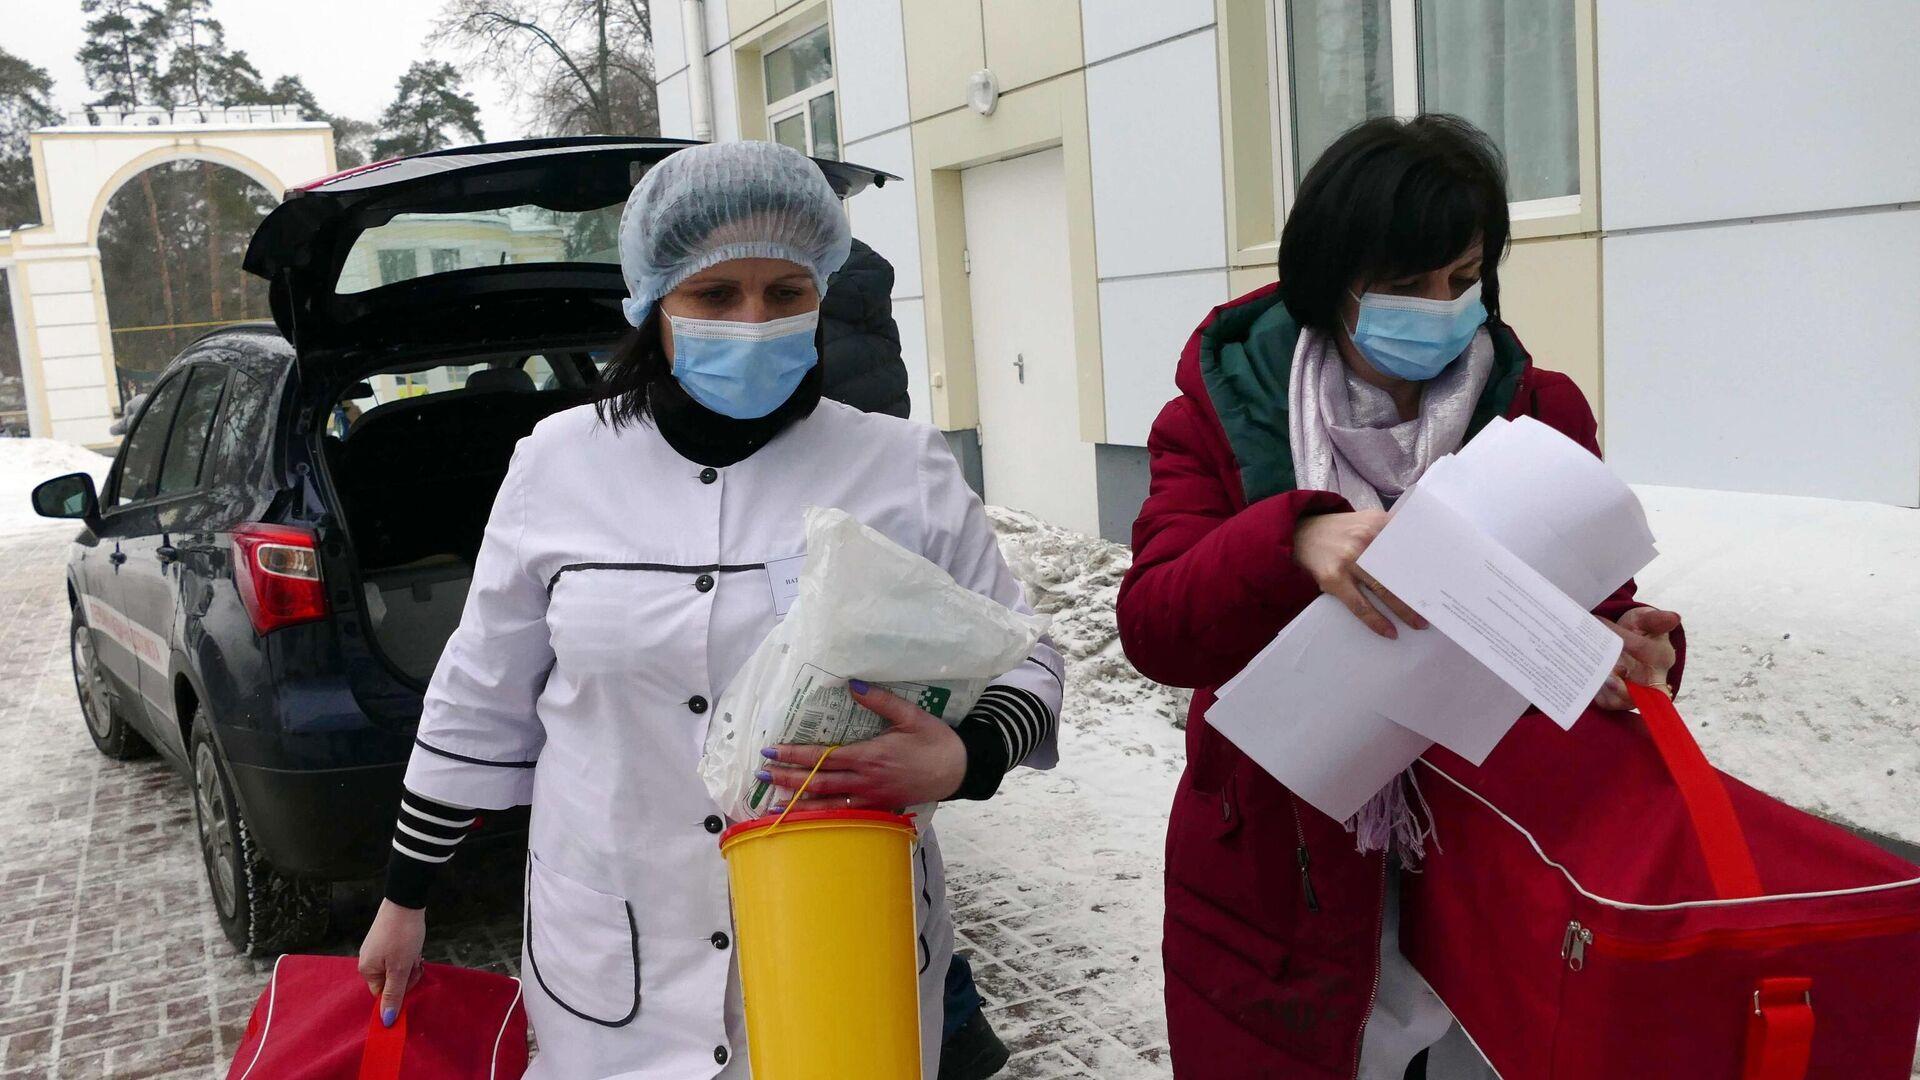 Старт вакцинации от коронавируса на Украине - РИА Новости, 1920, 02.03.2021